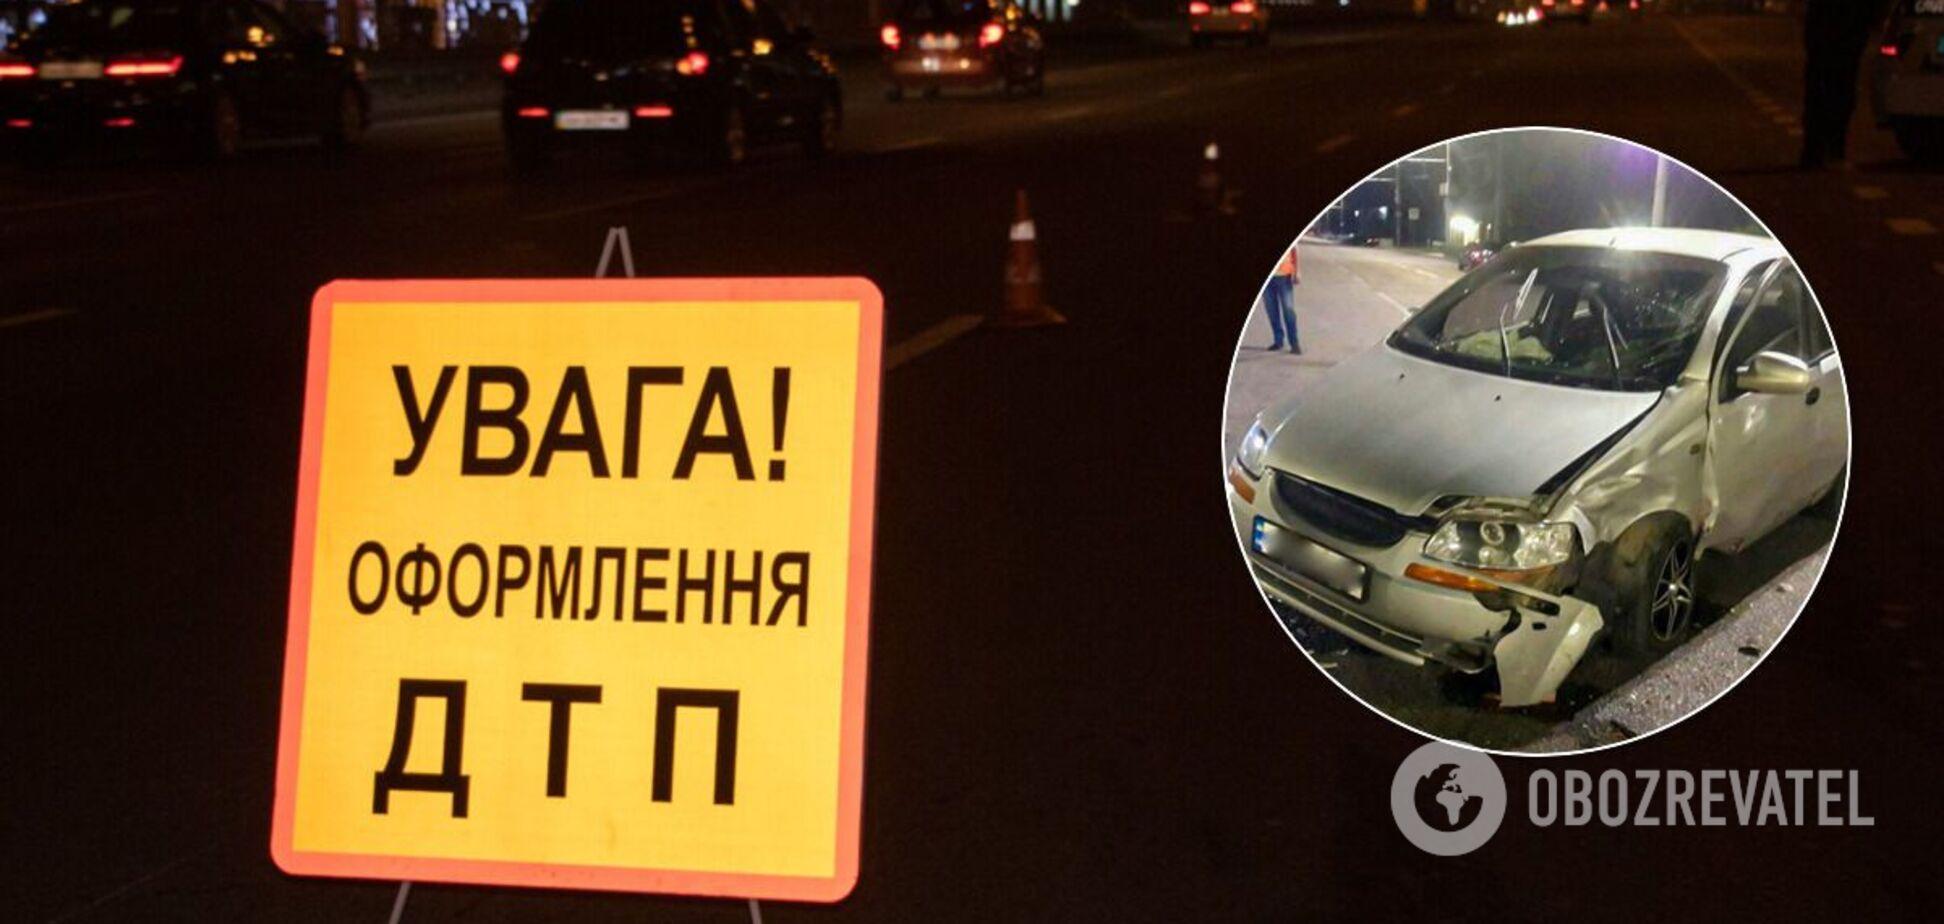 У Дніпрі п'яний водій іномарки влаштував масову ДТП: є постраждалий. Фото